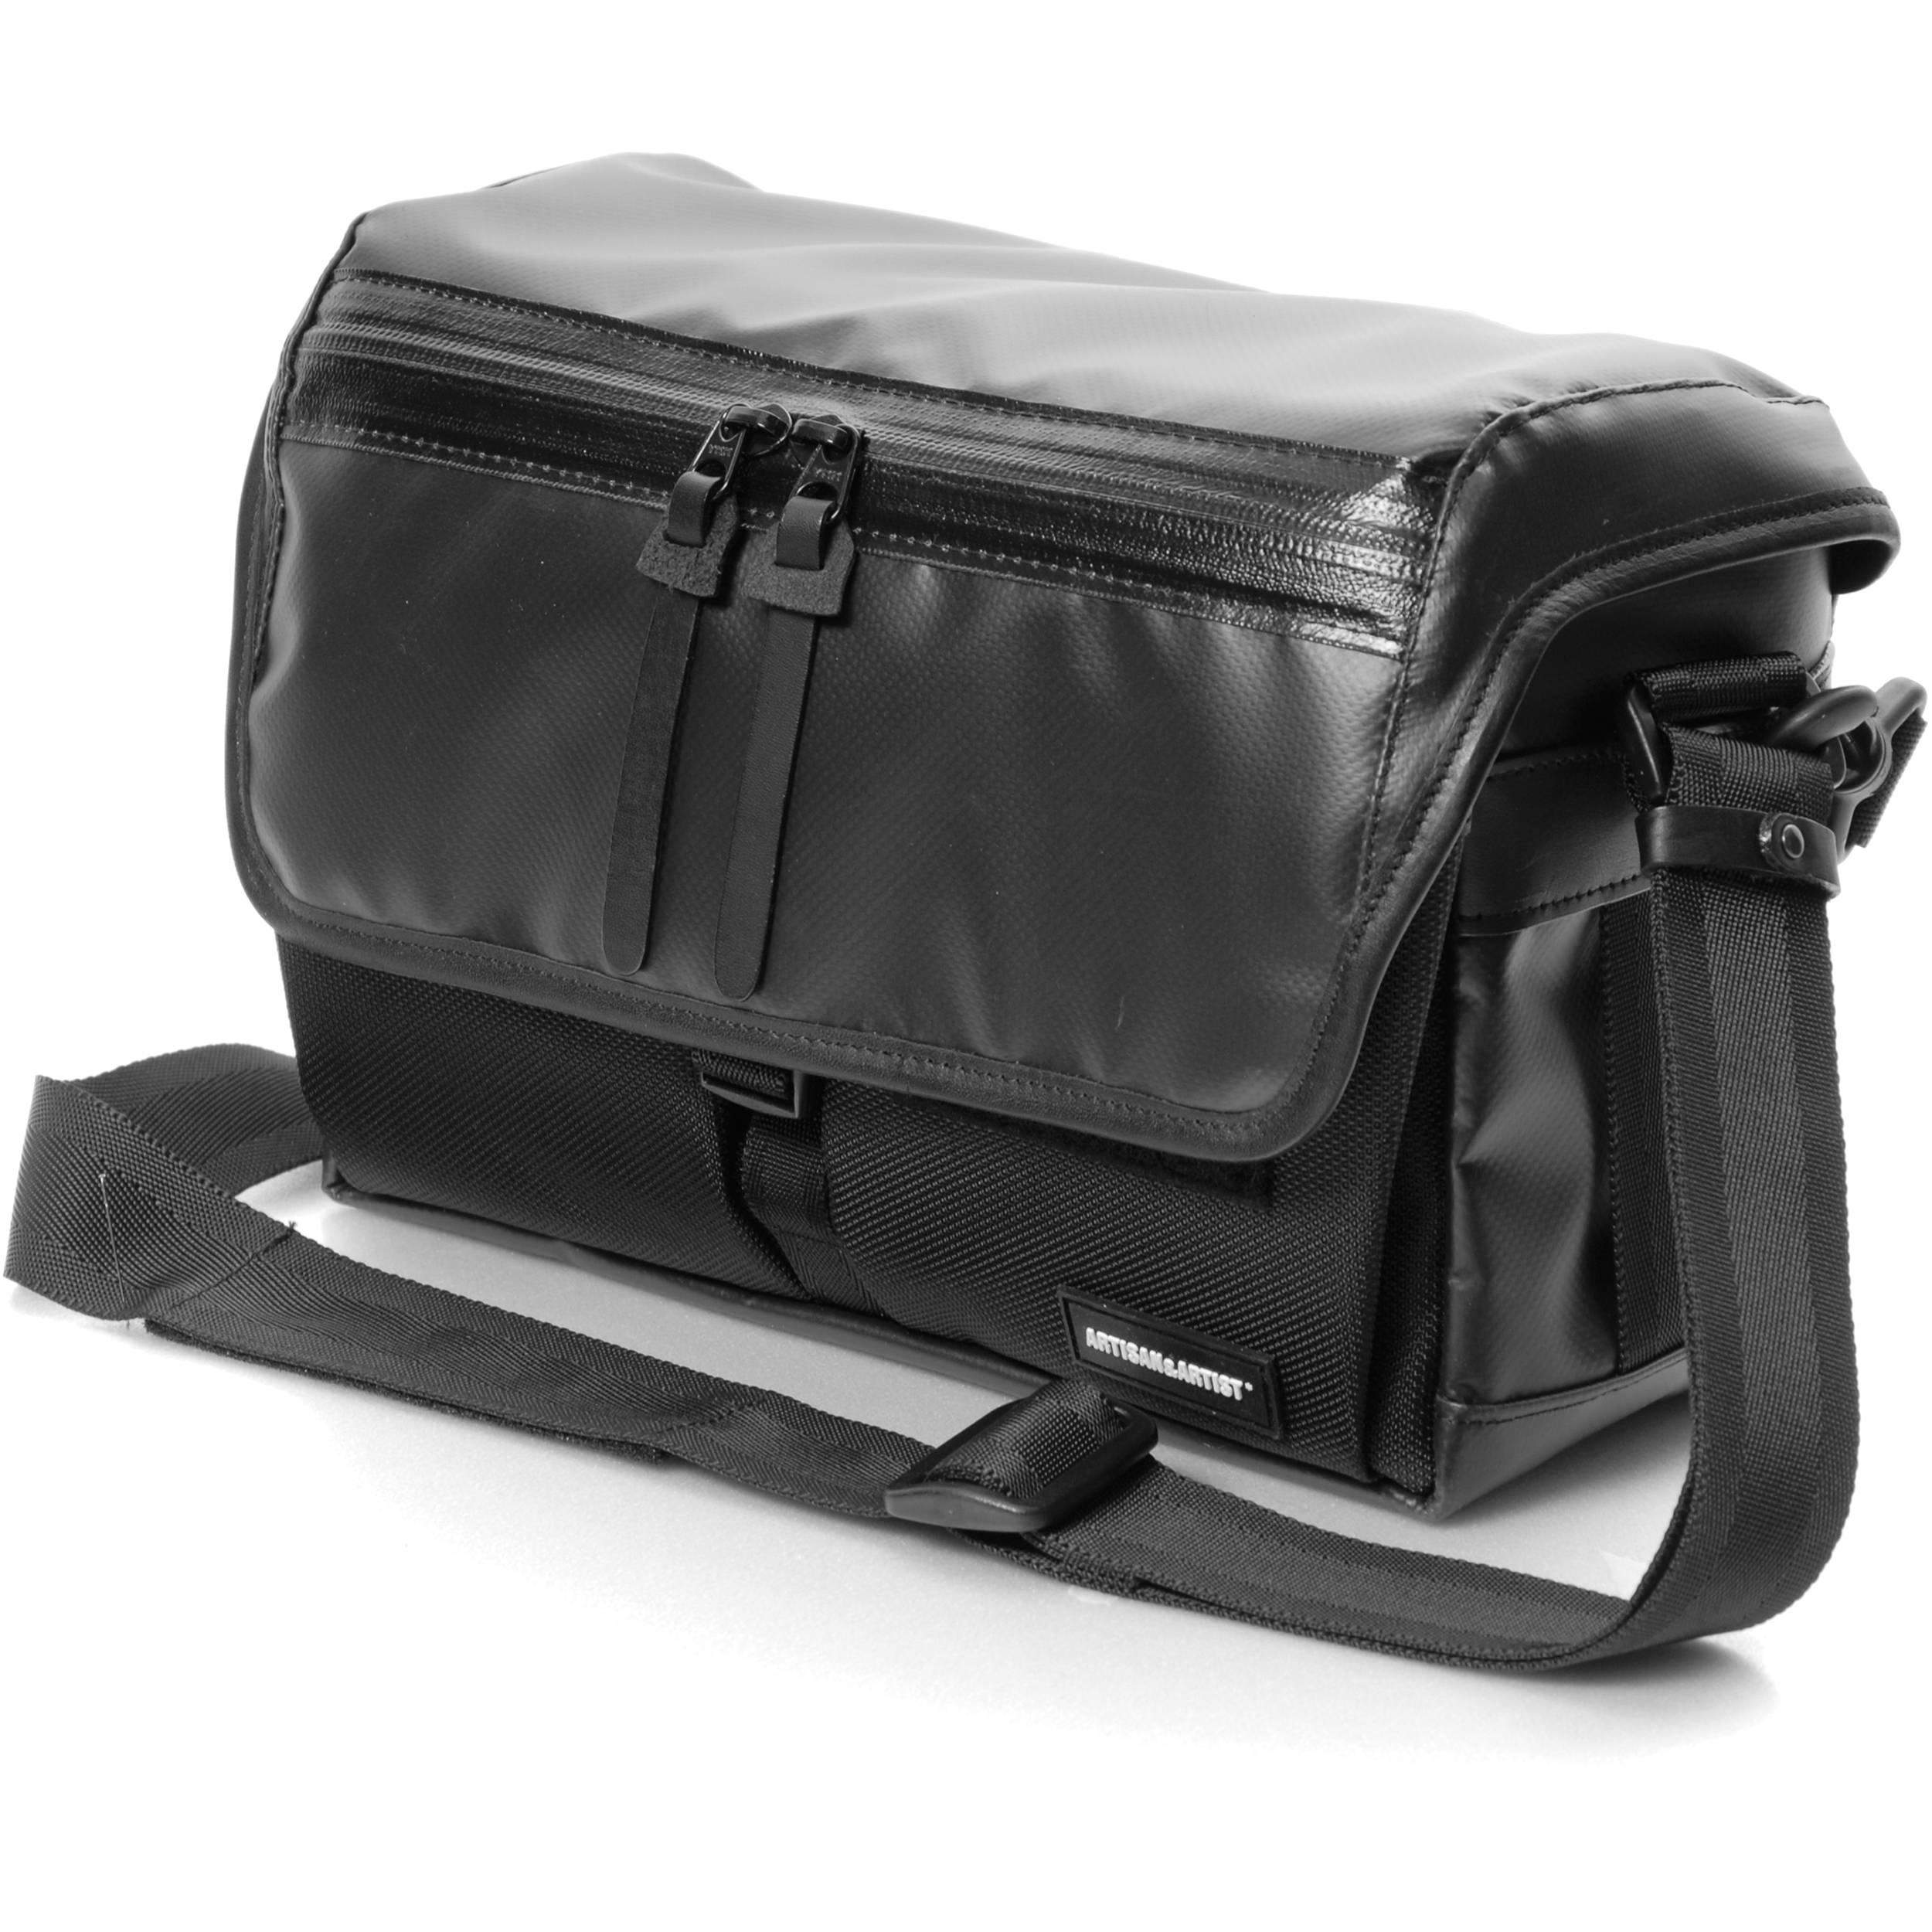 Artist Wcam 7500 Waterproof Camera Bag